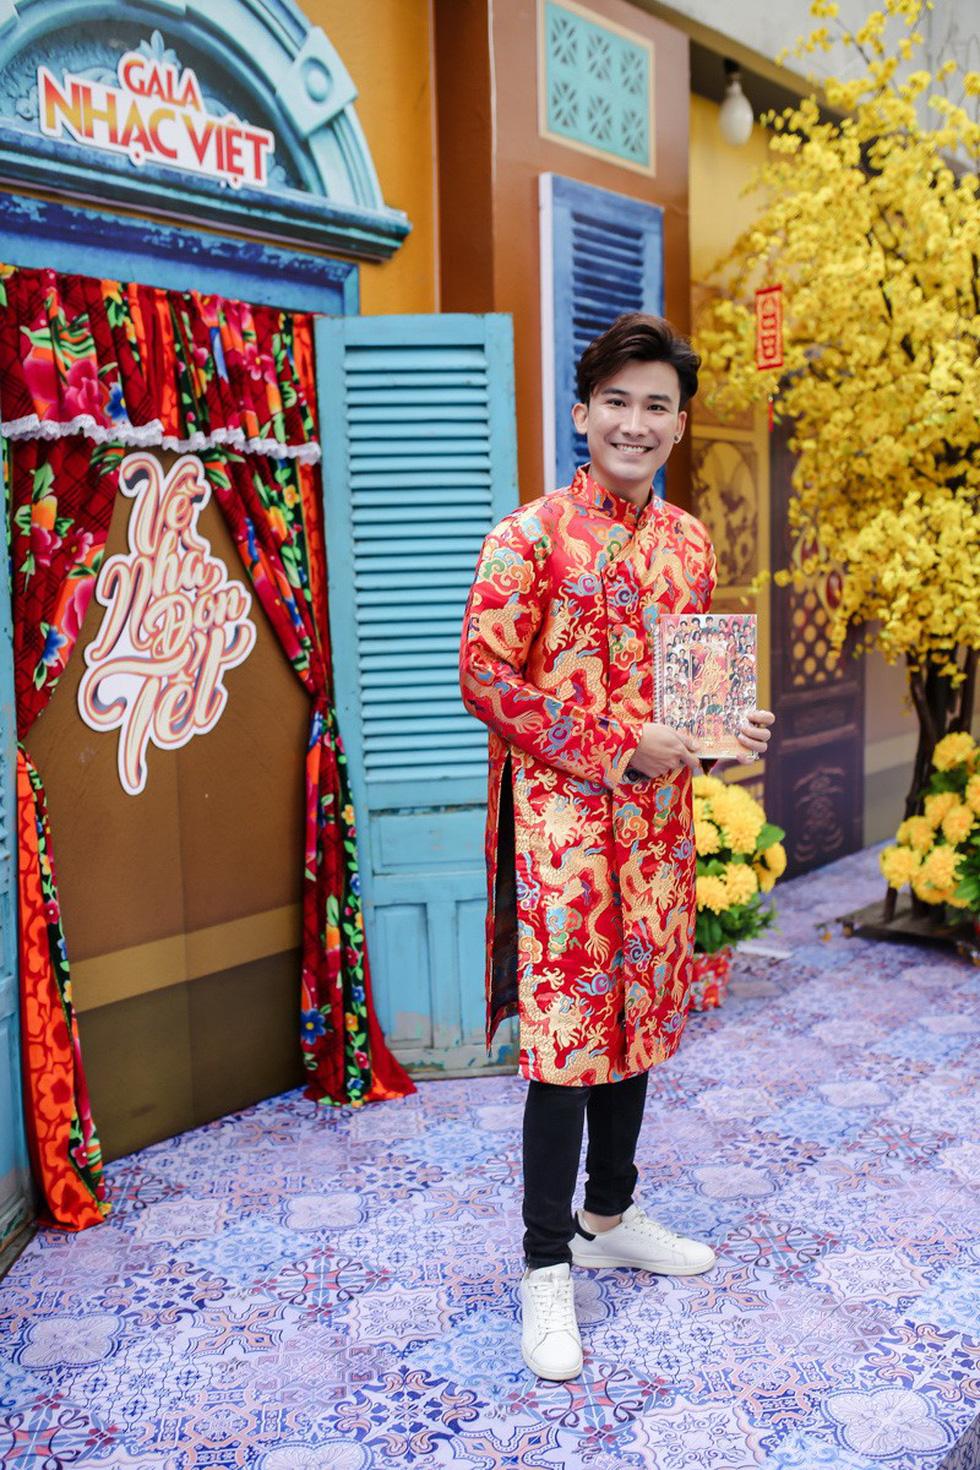 Mùa hoa trở lại mở màn Gala nhạc Việt Về nhà đón Tết - Ảnh 3.